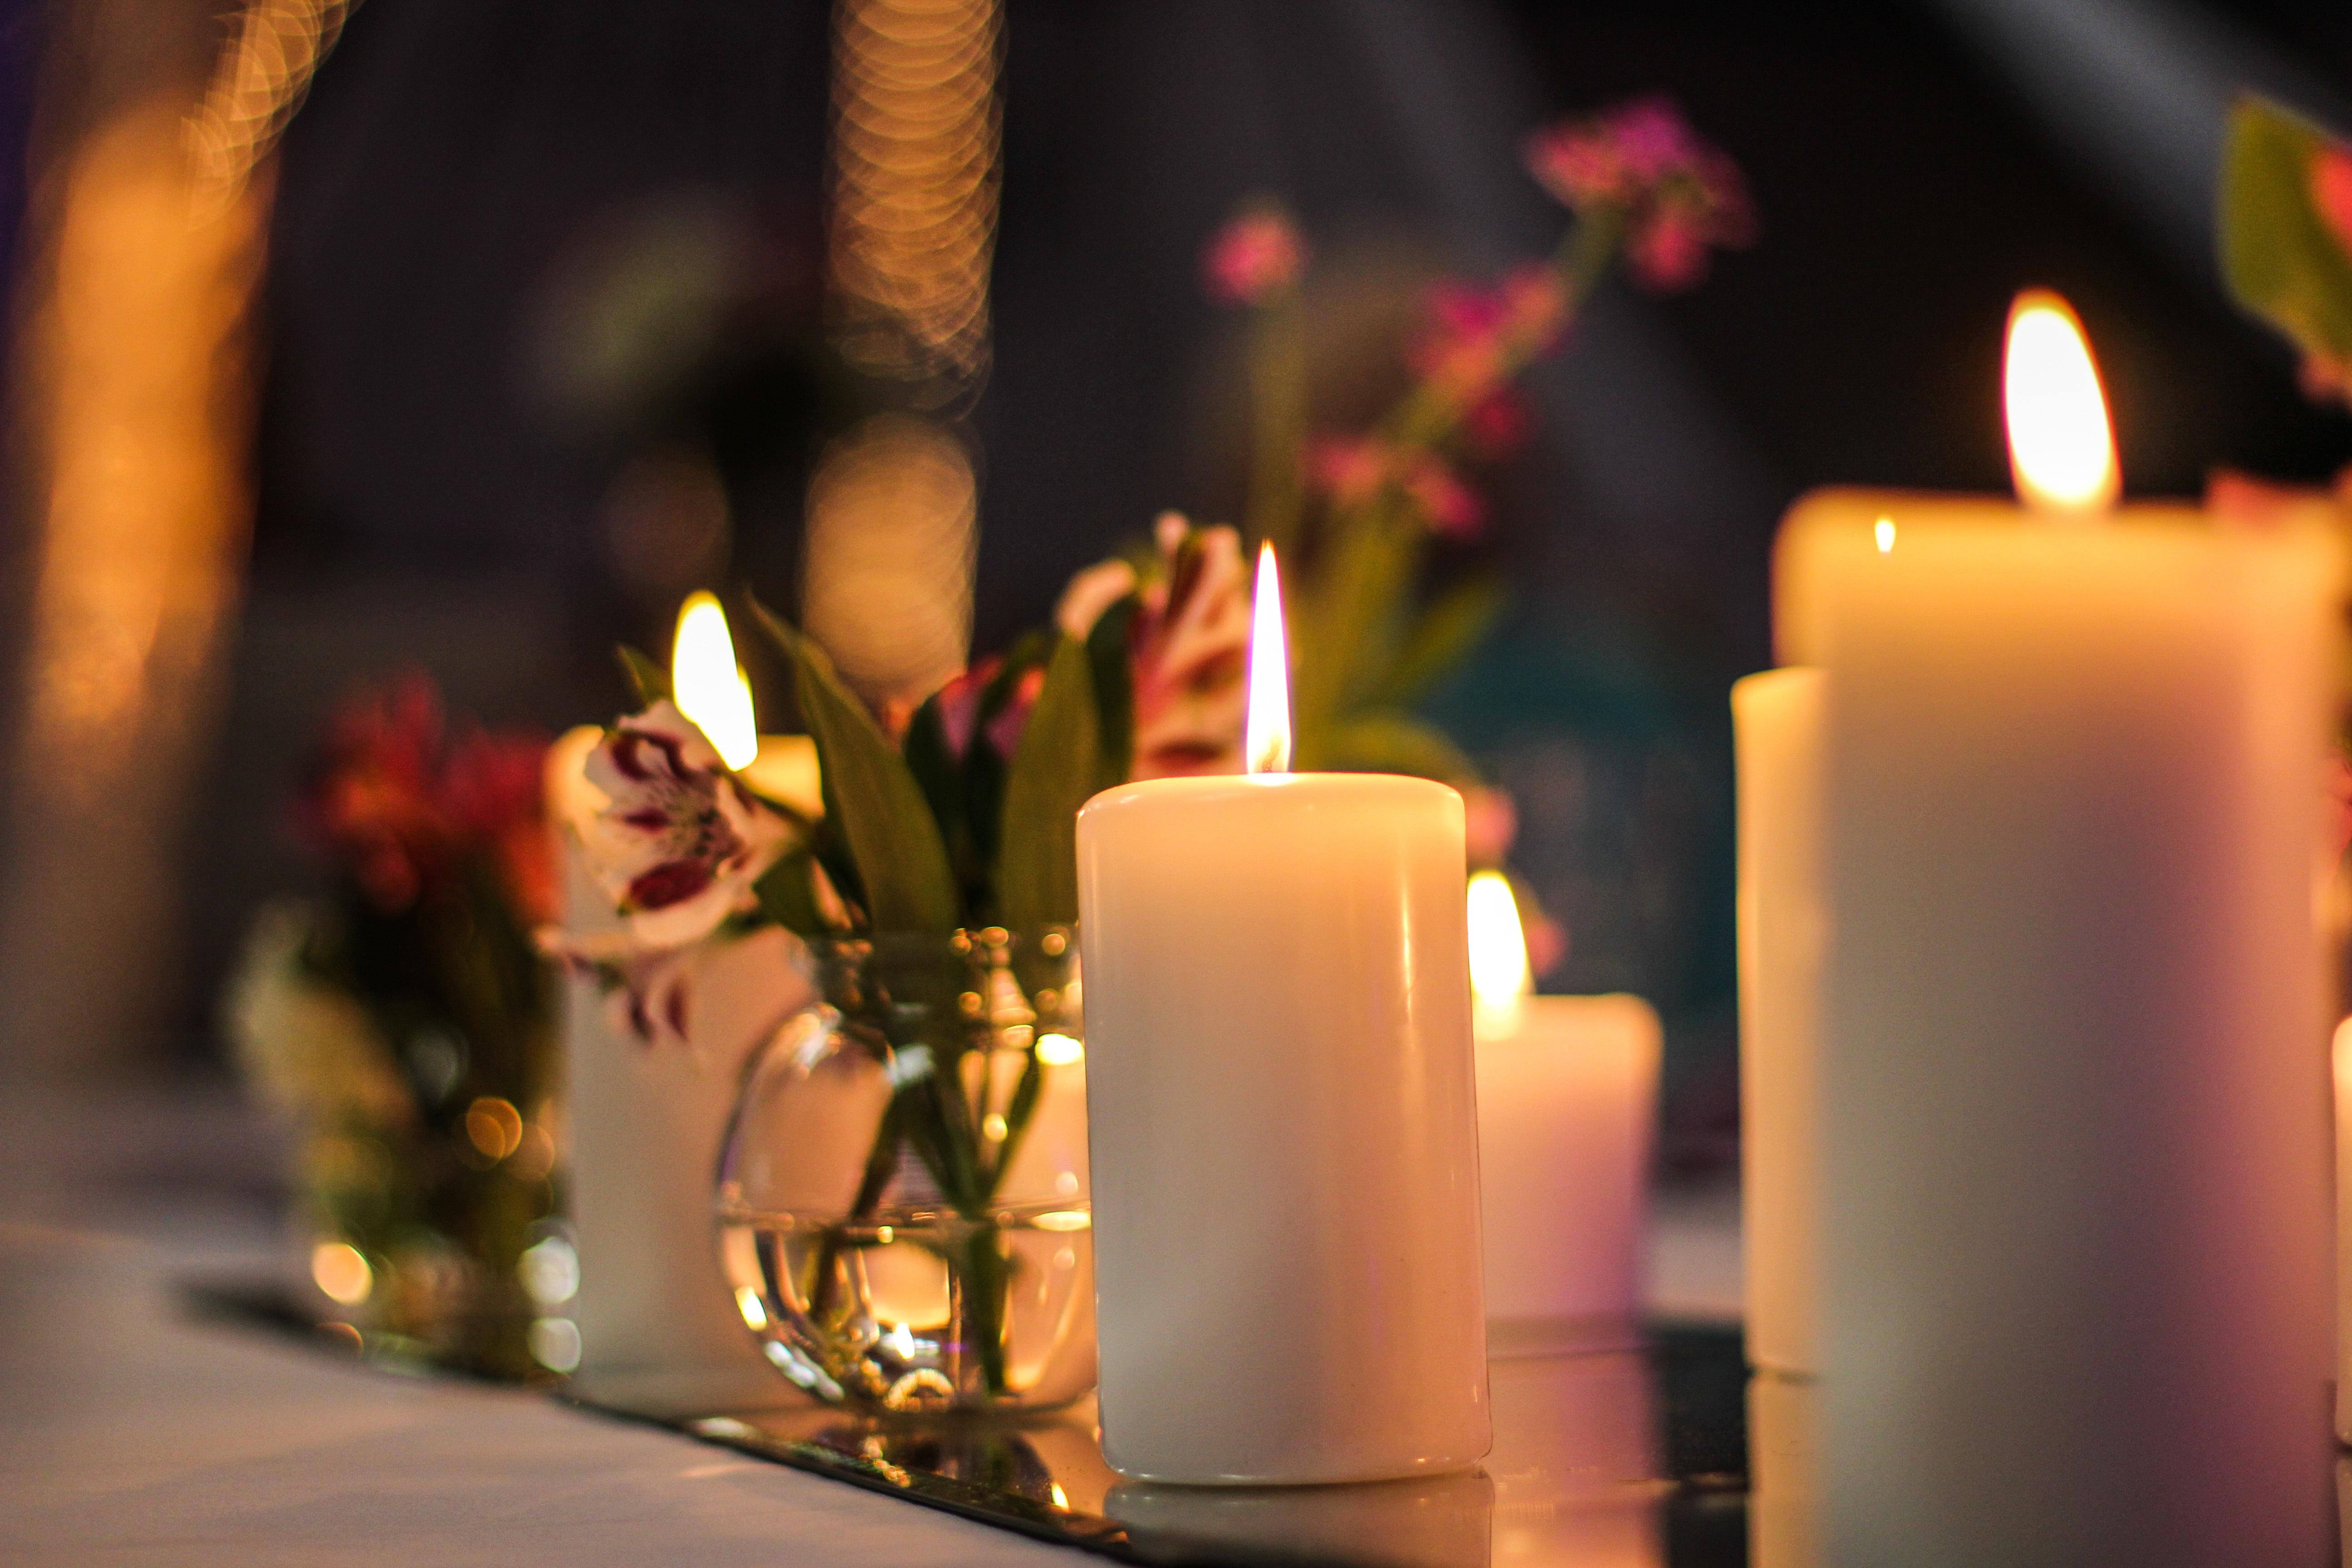 и будут свечи на столе гореть картинки делятся эмиссии предварительным